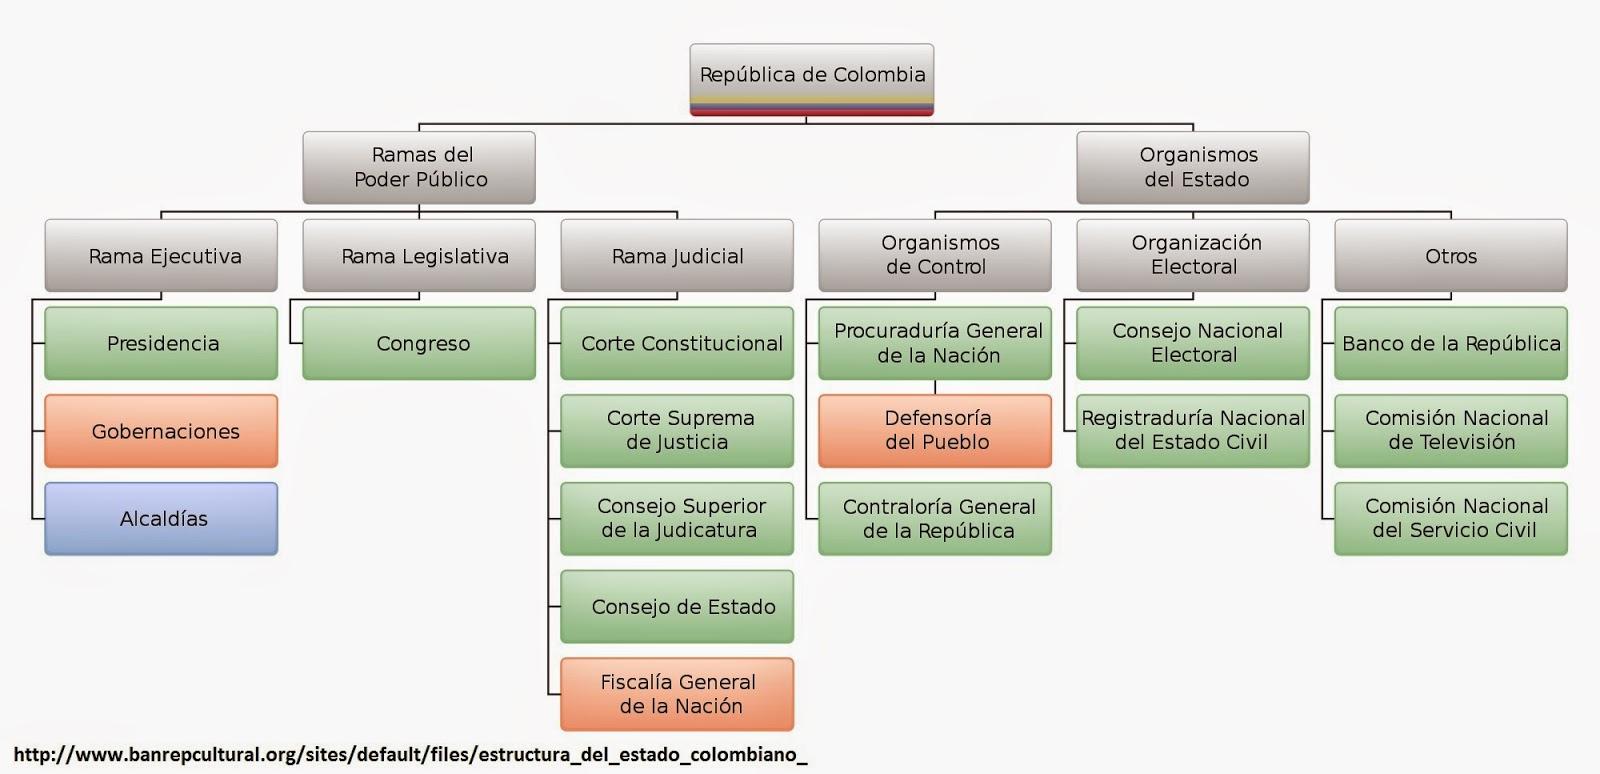 por tres ramas del poder p blico legislativa ejecutiva y judicial y otros rganos aut nomos e independientes que contribuyen al cumplimiento de